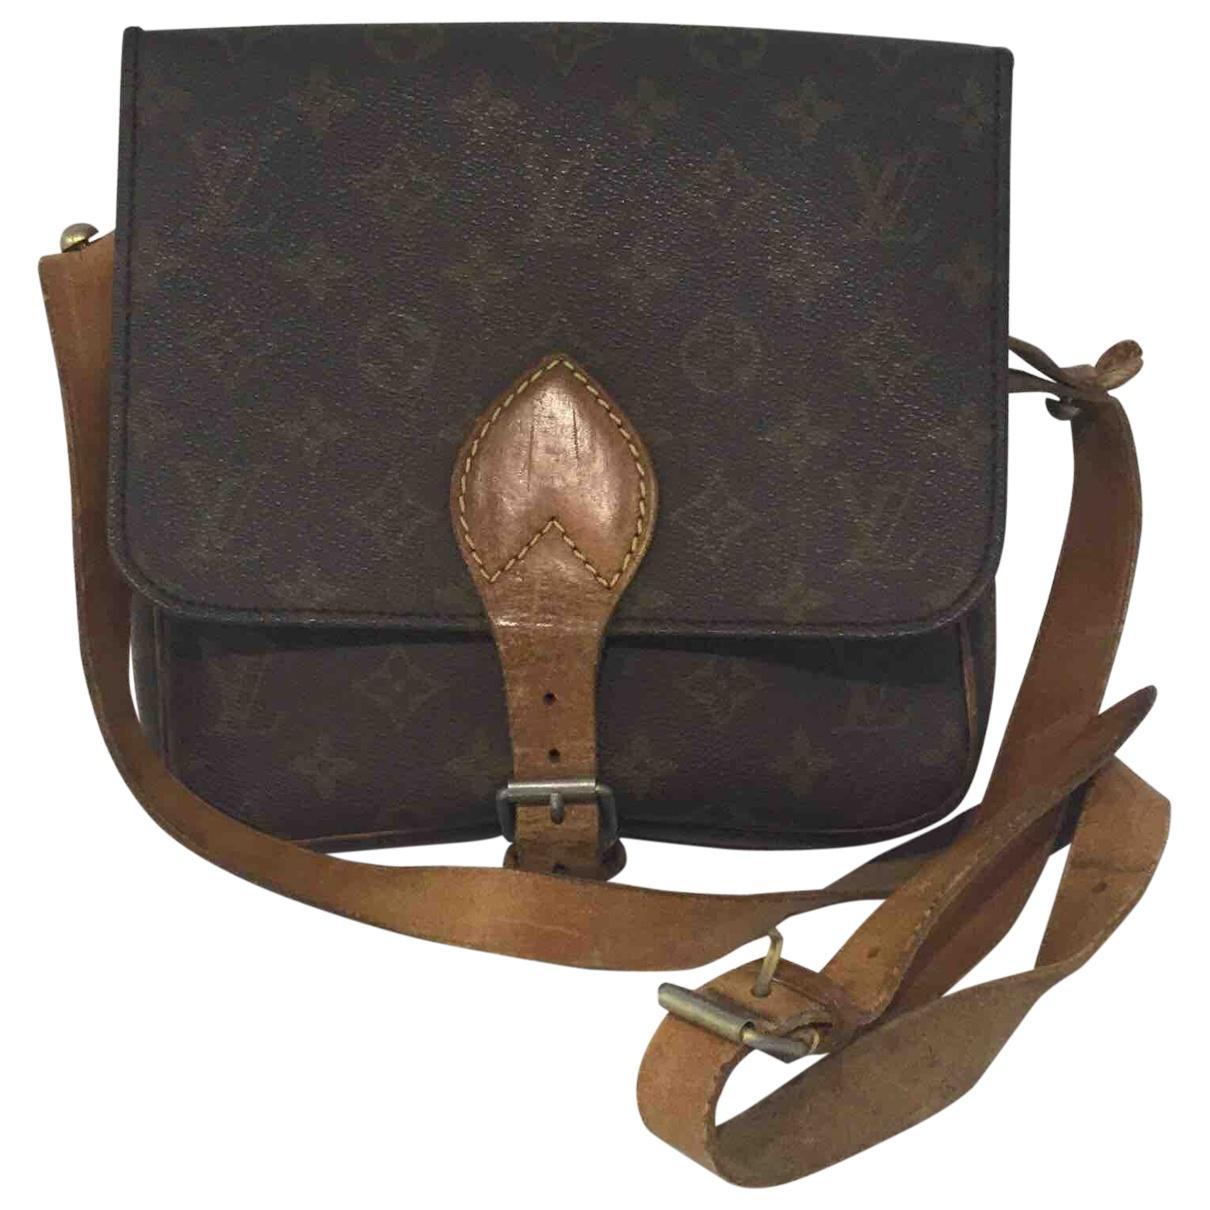 ffbfdf5f4f24 Lyst - Louis Vuitton Cloth Crossbody Bag in Brown